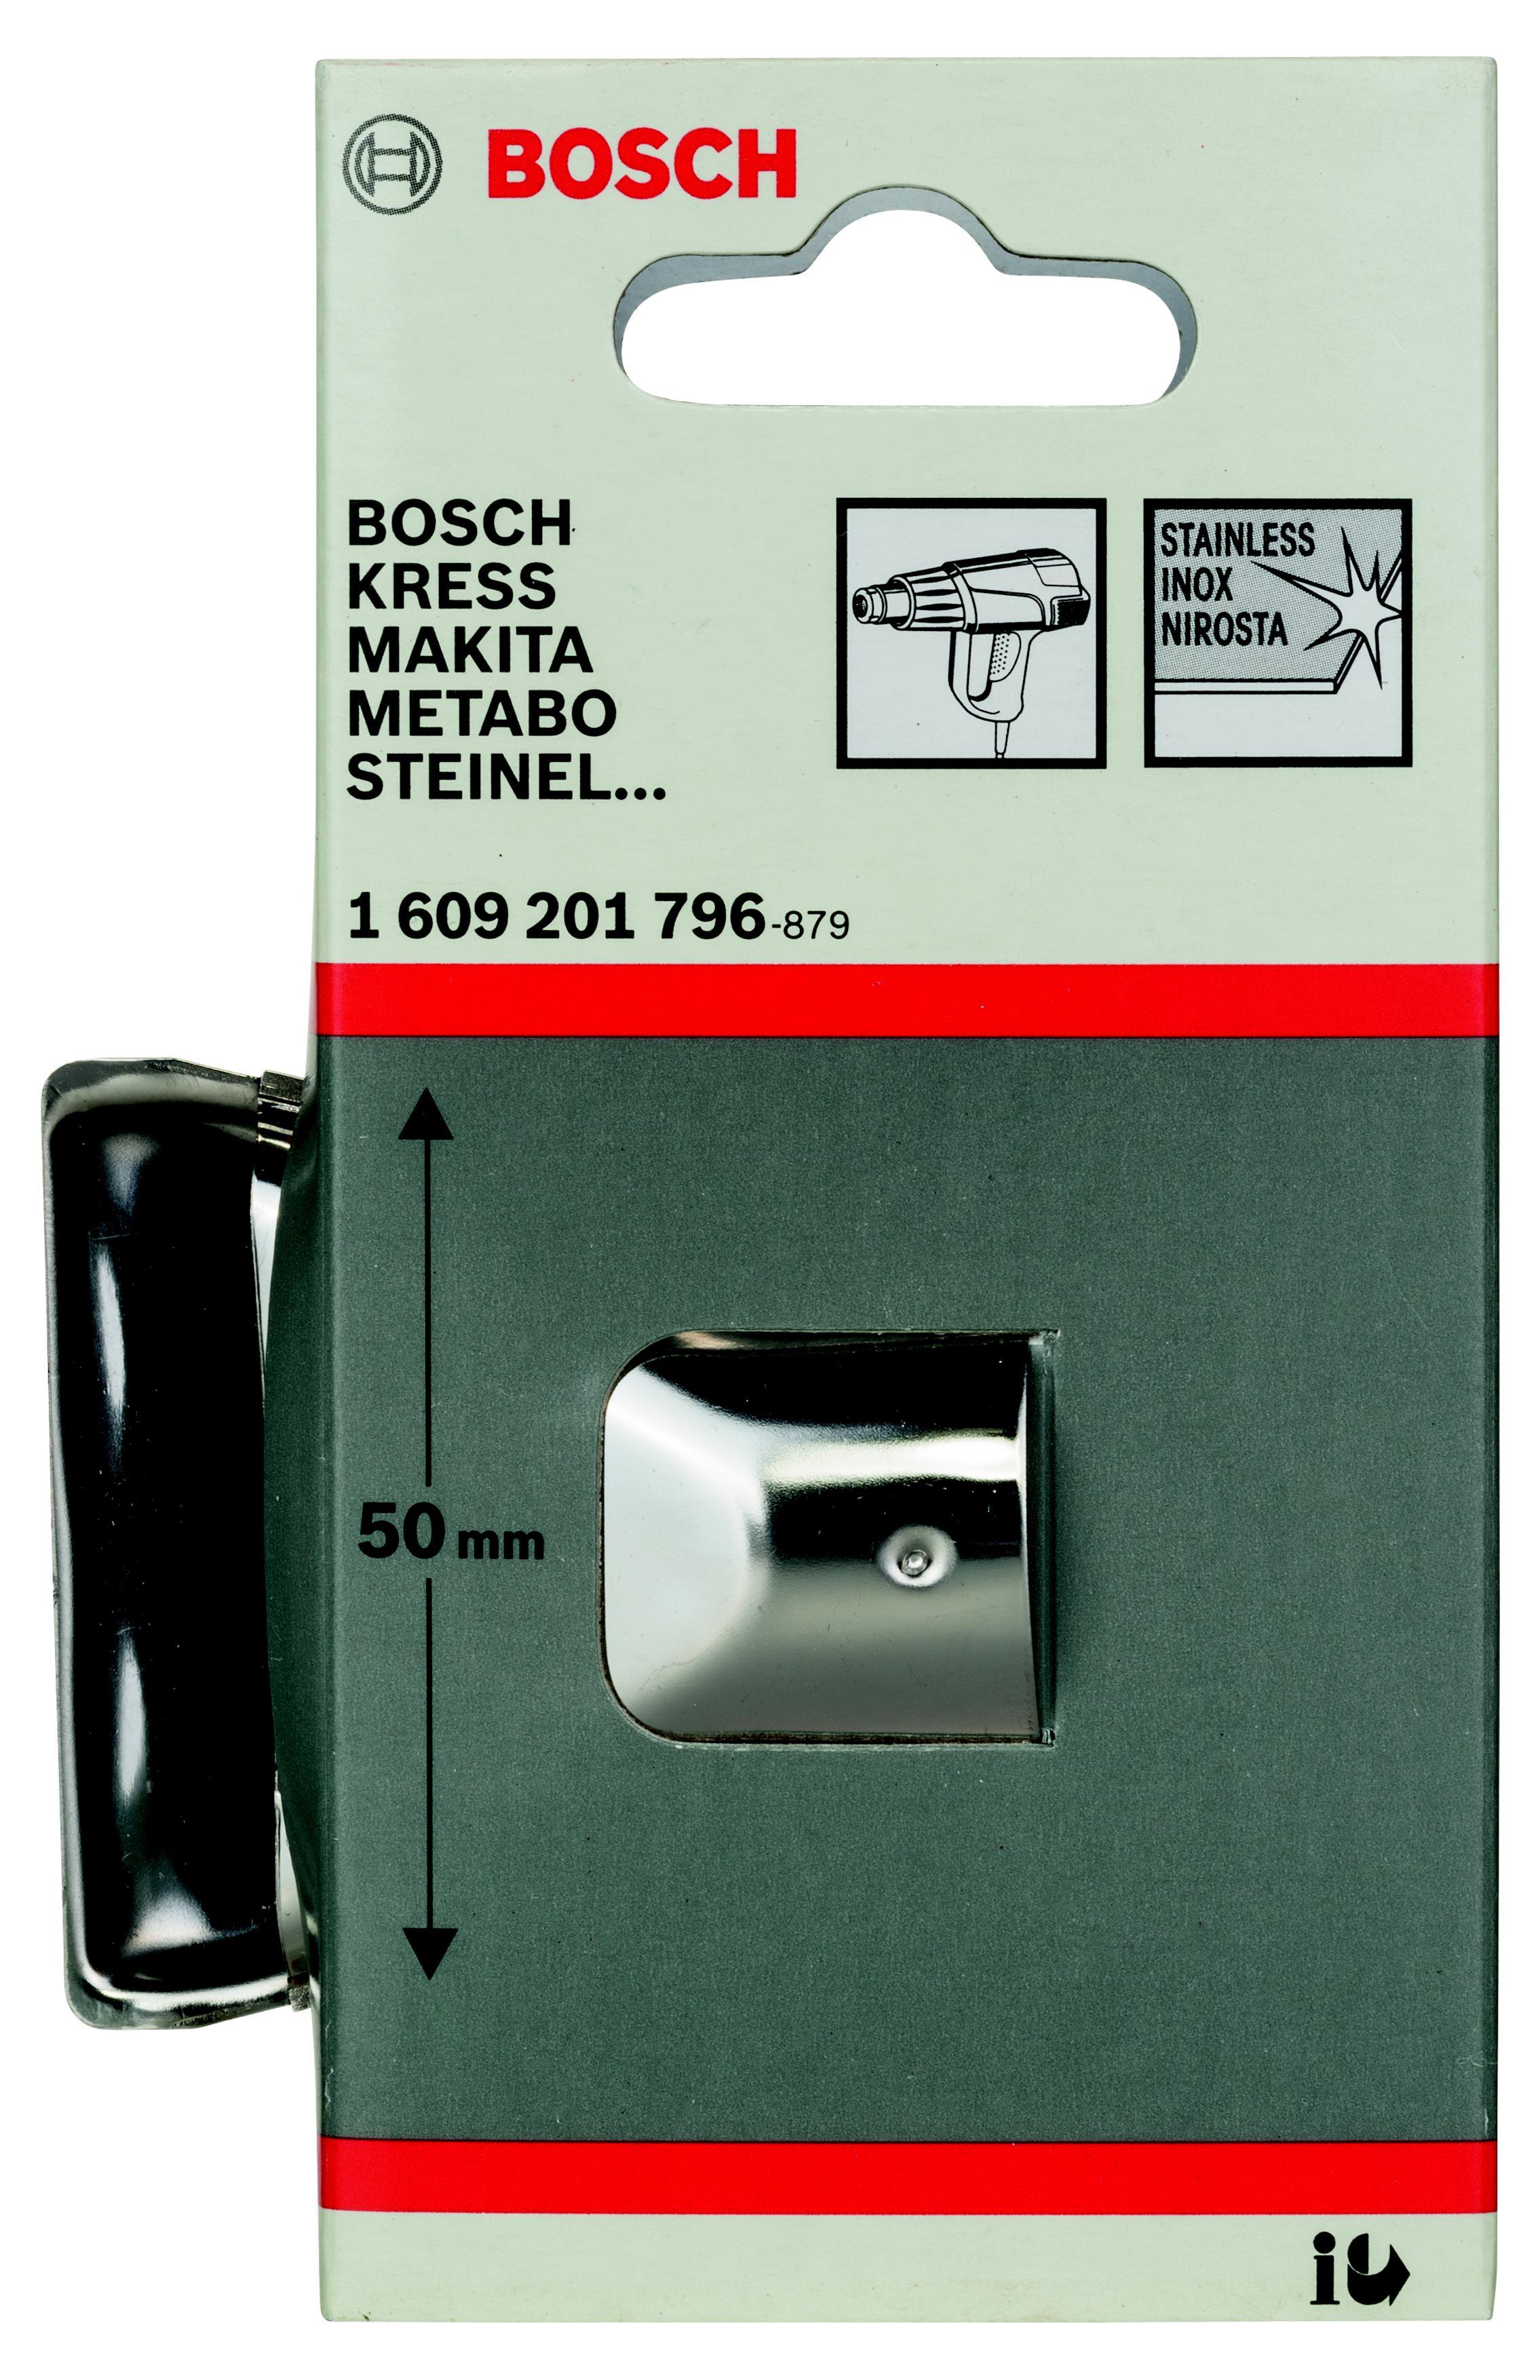 Насадка Bosch для фена - плоское стеклозащитное сопло 50 мм (1.609.201.796)